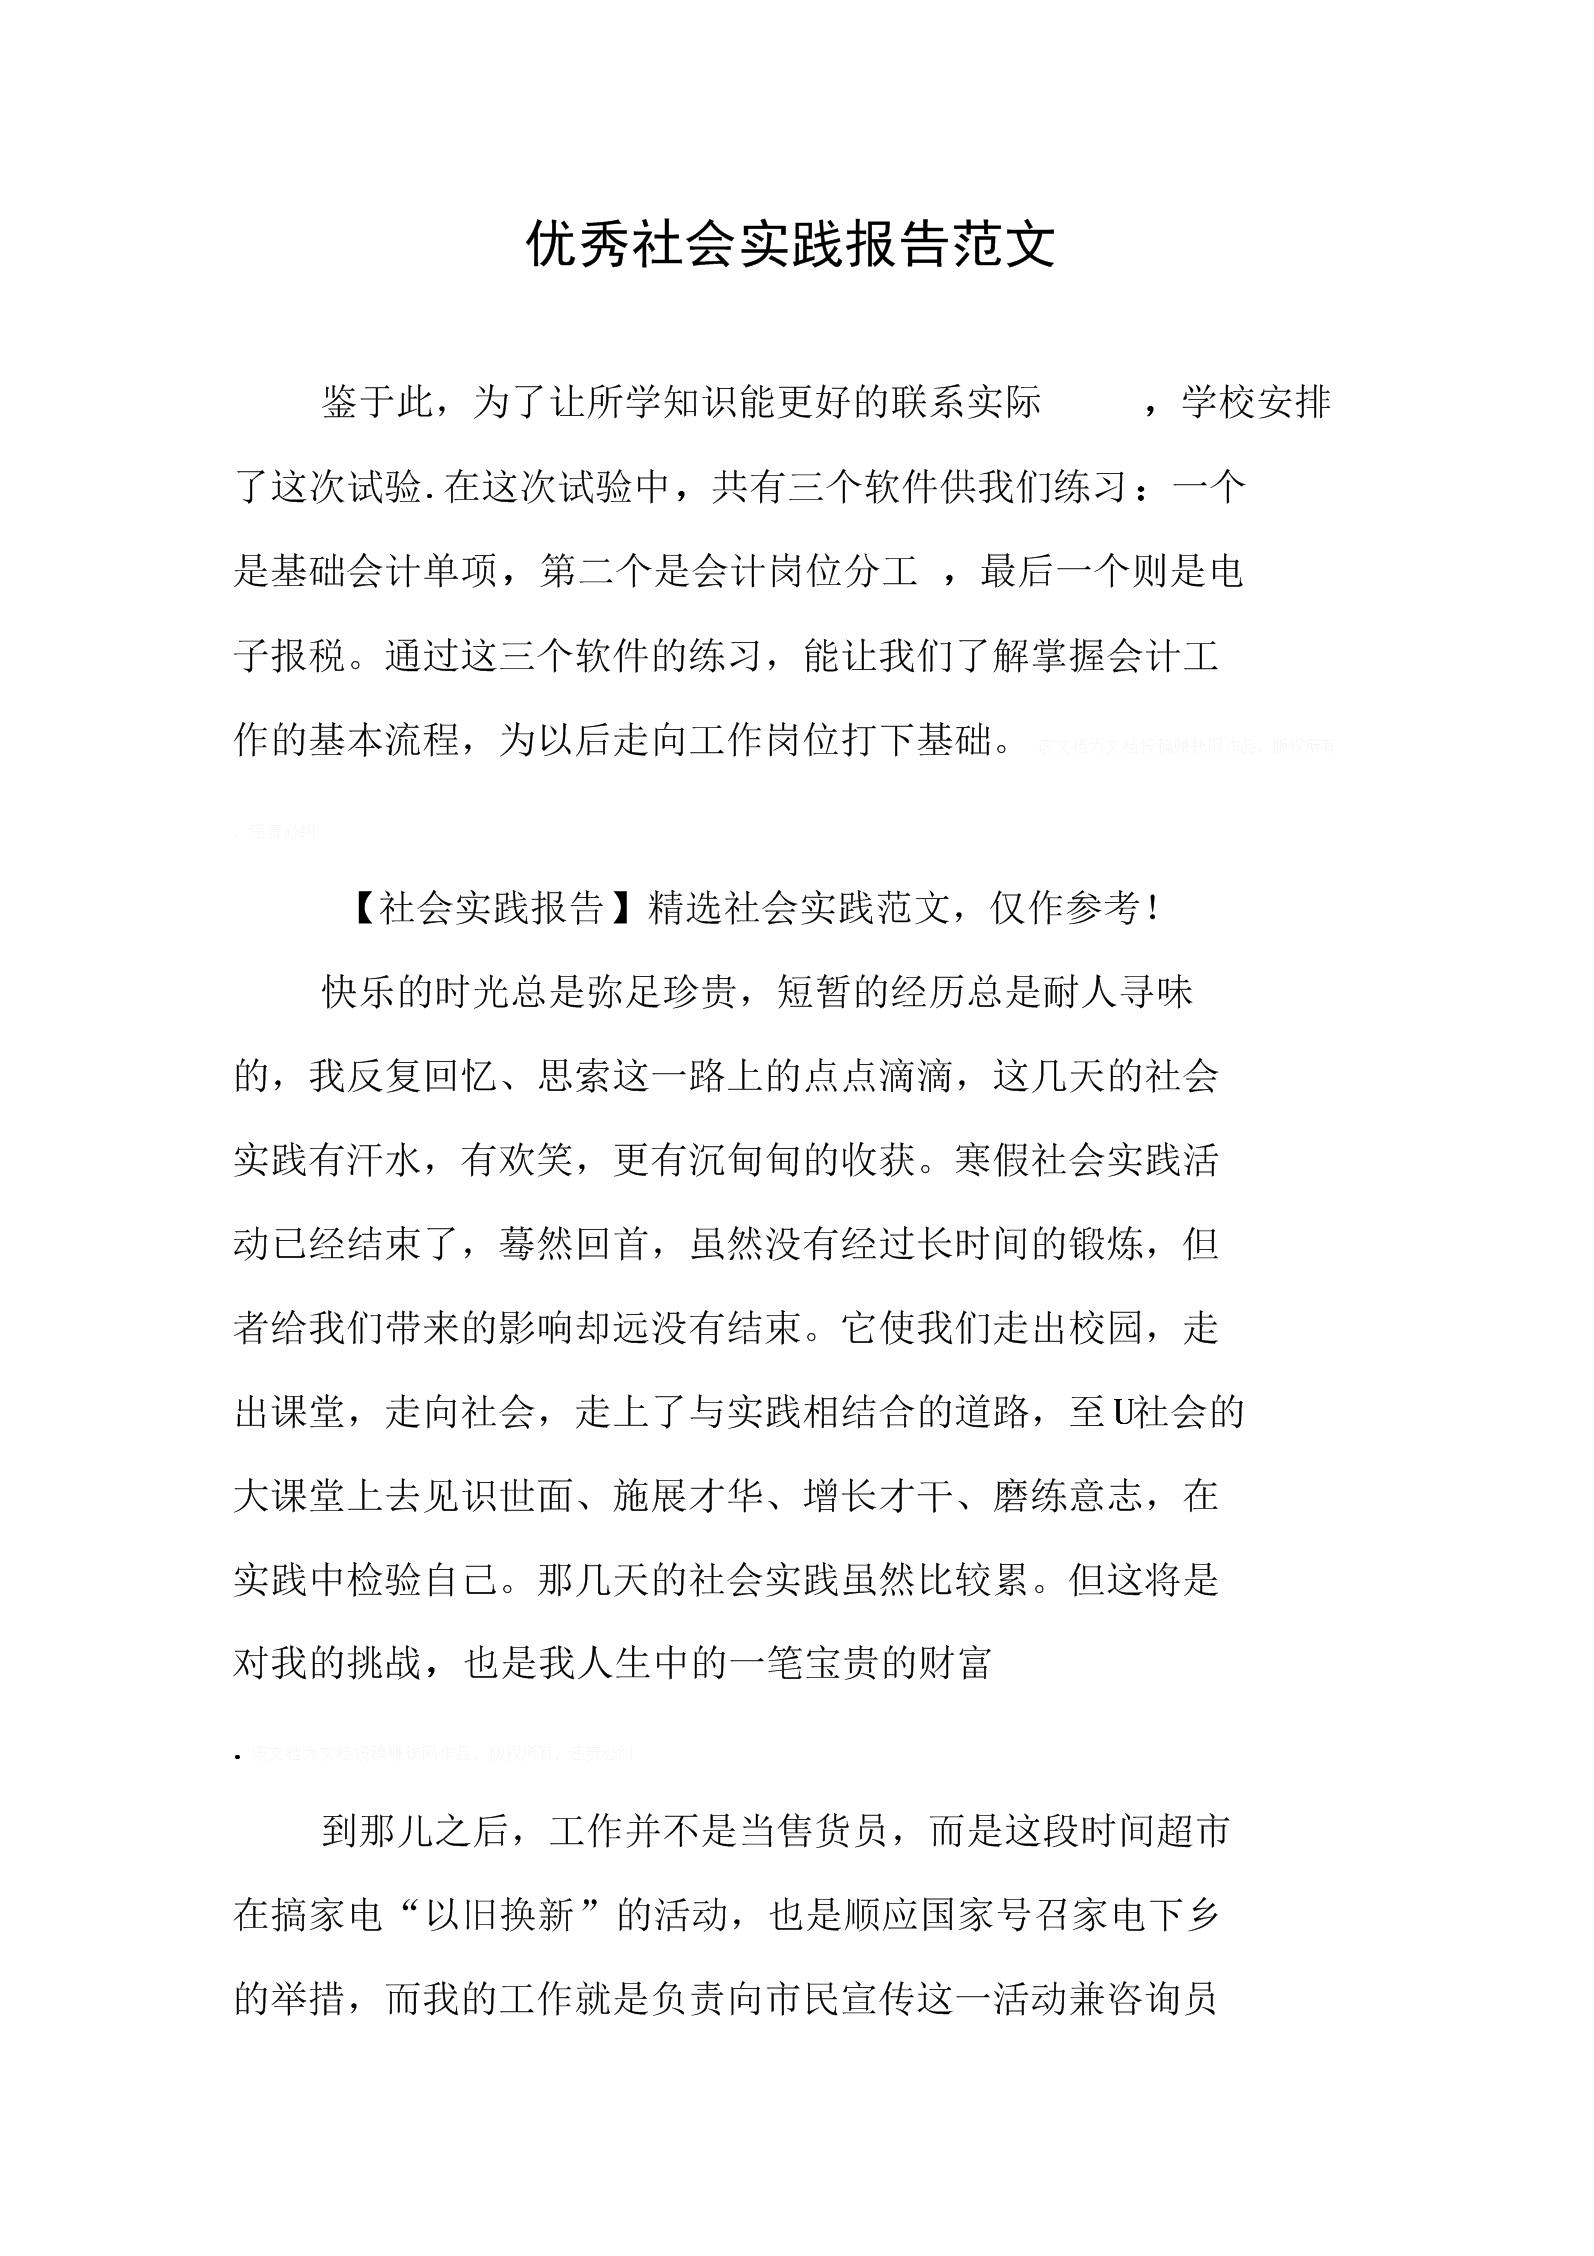 《优秀社会实践报告范文》.docx